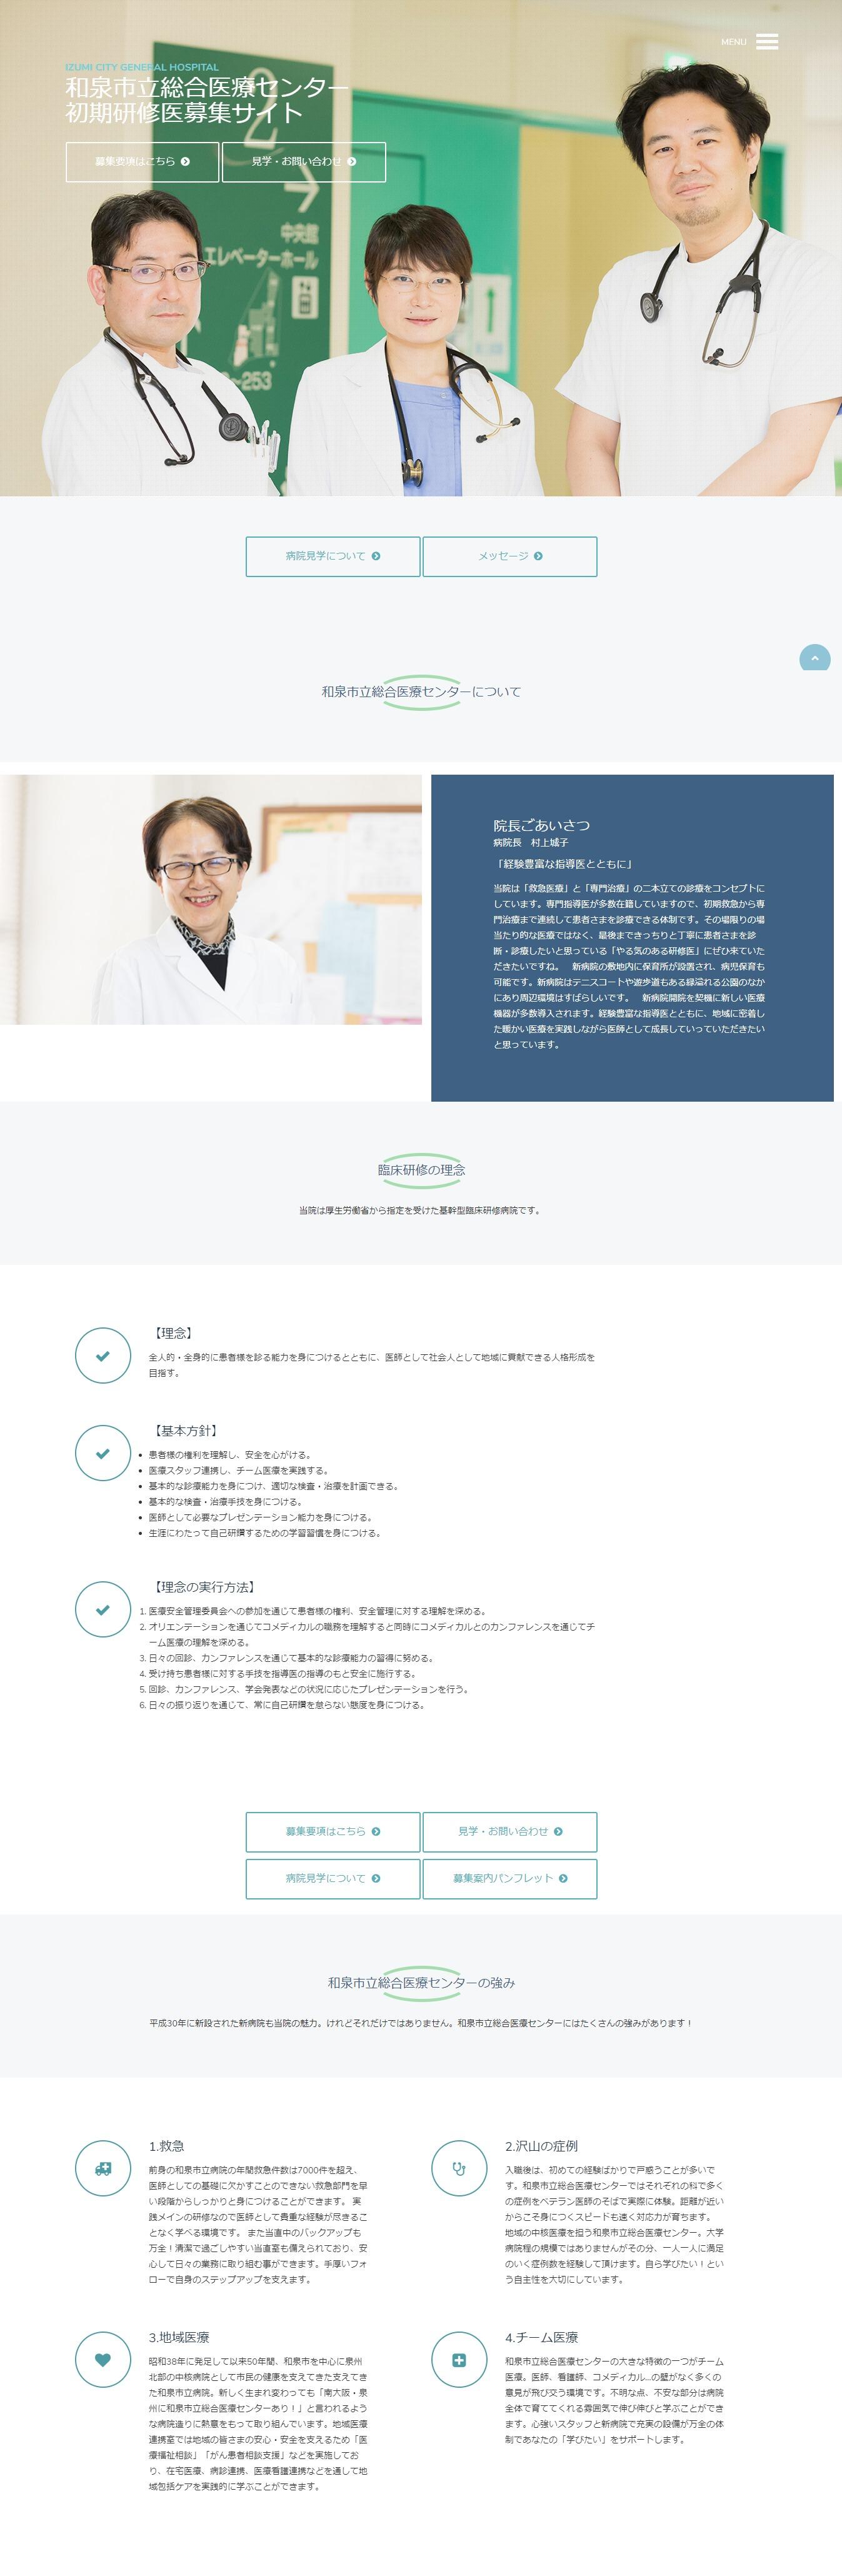 2000年4月作成「和泉市立総合医療センター」研修医募集サイト